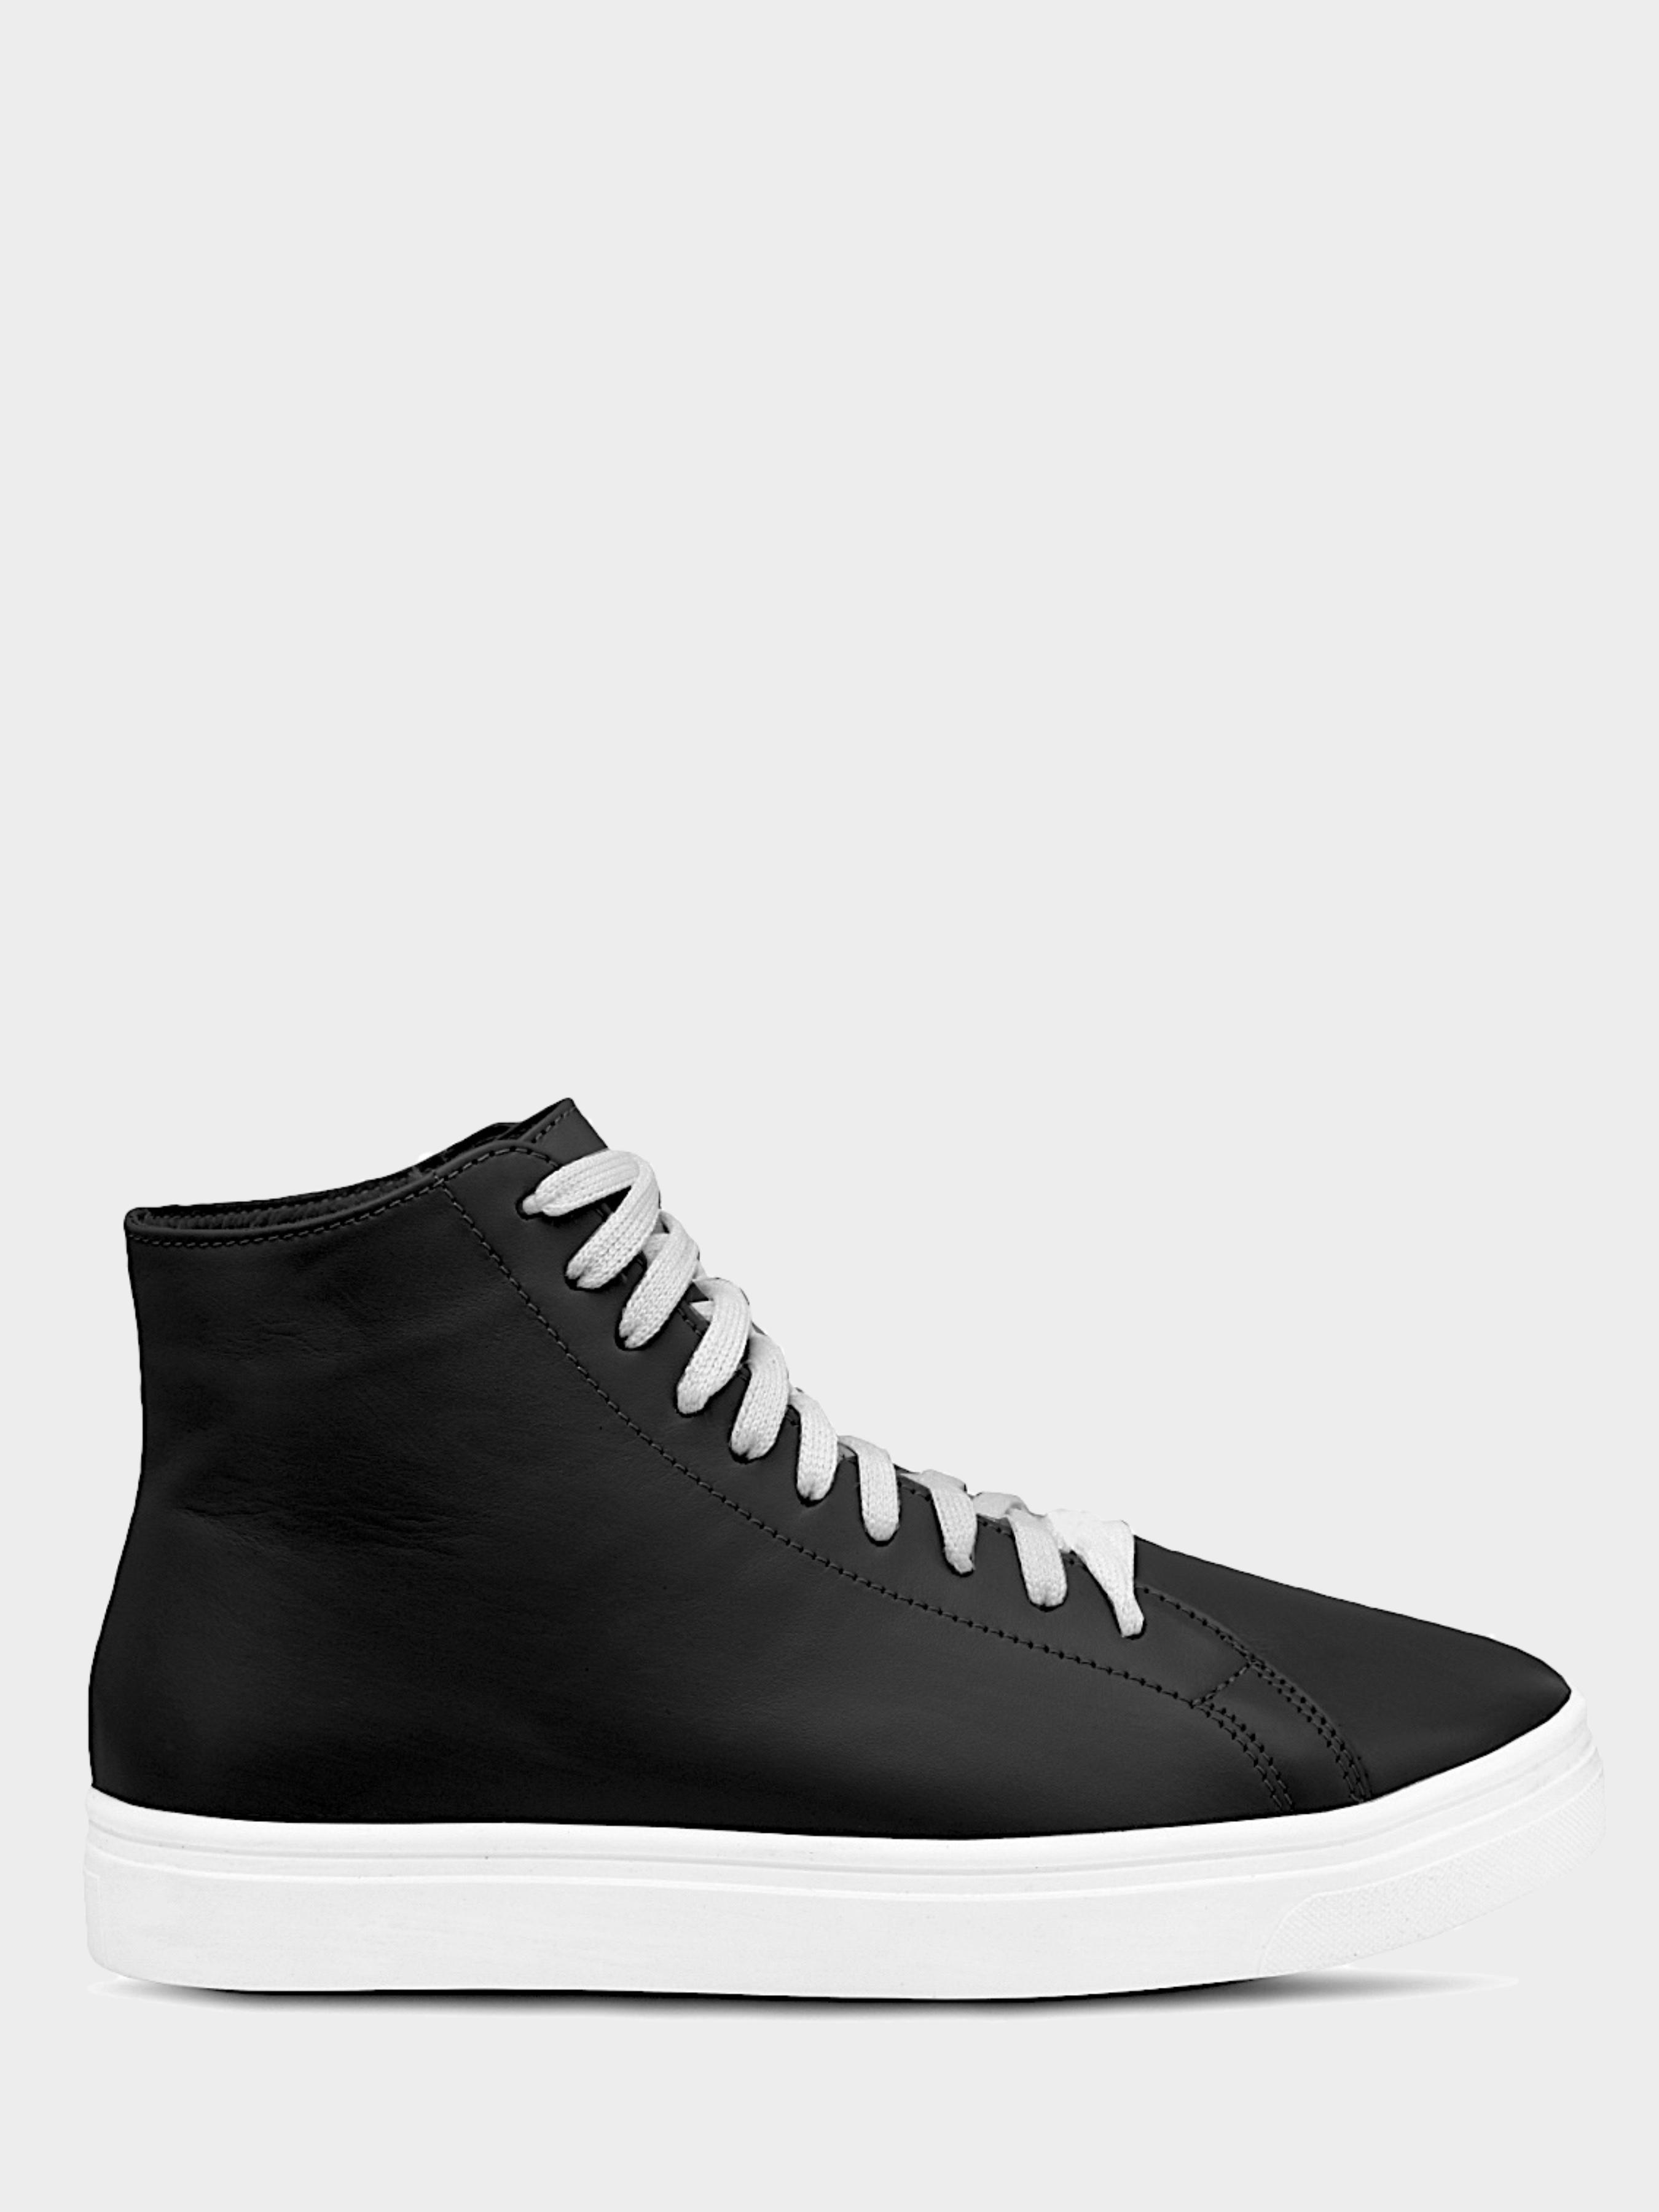 Купить Ботинки женские Ботинки с мехом H5 H5.1.000000323, Grace, Черный